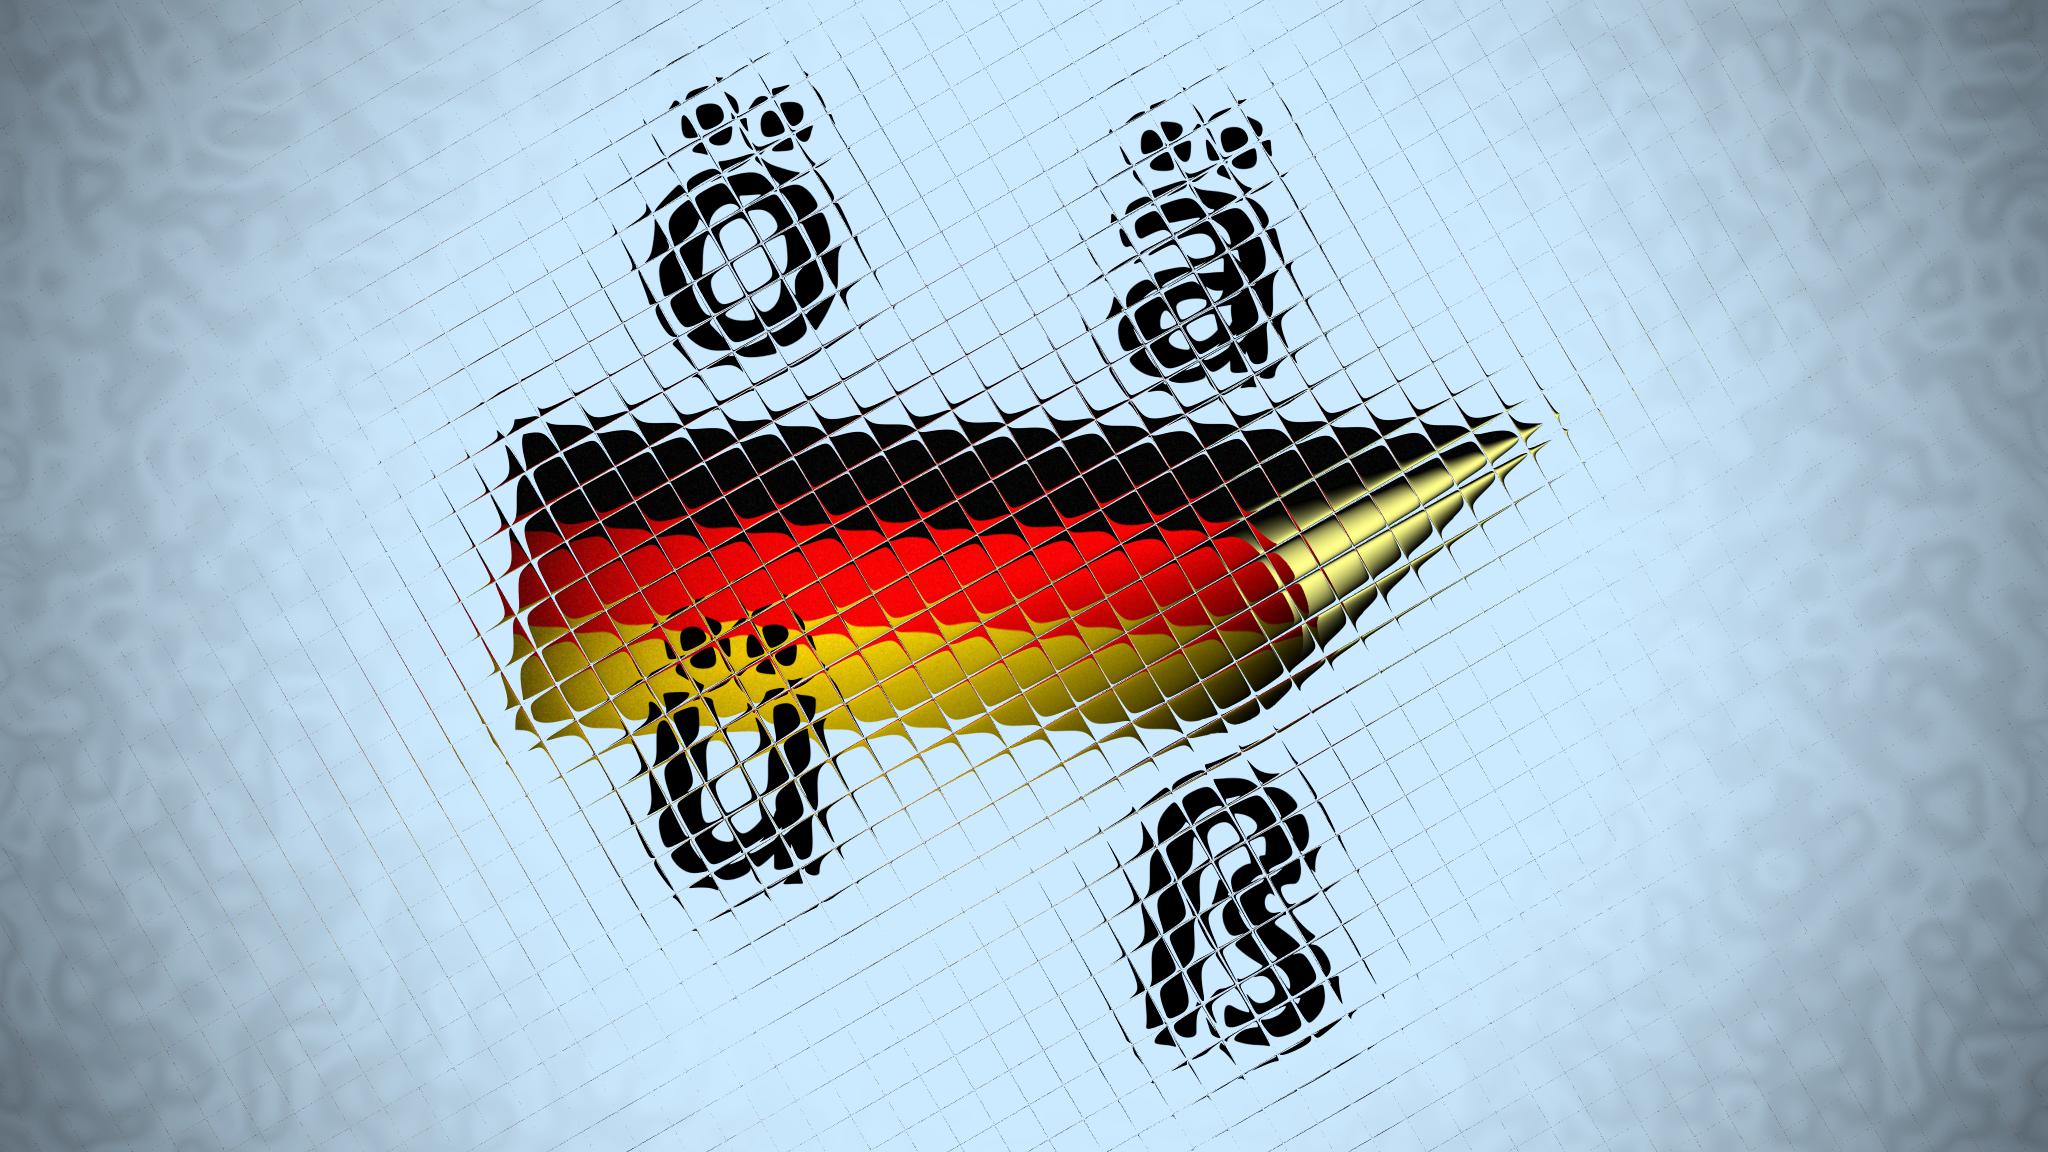 de7cfafb